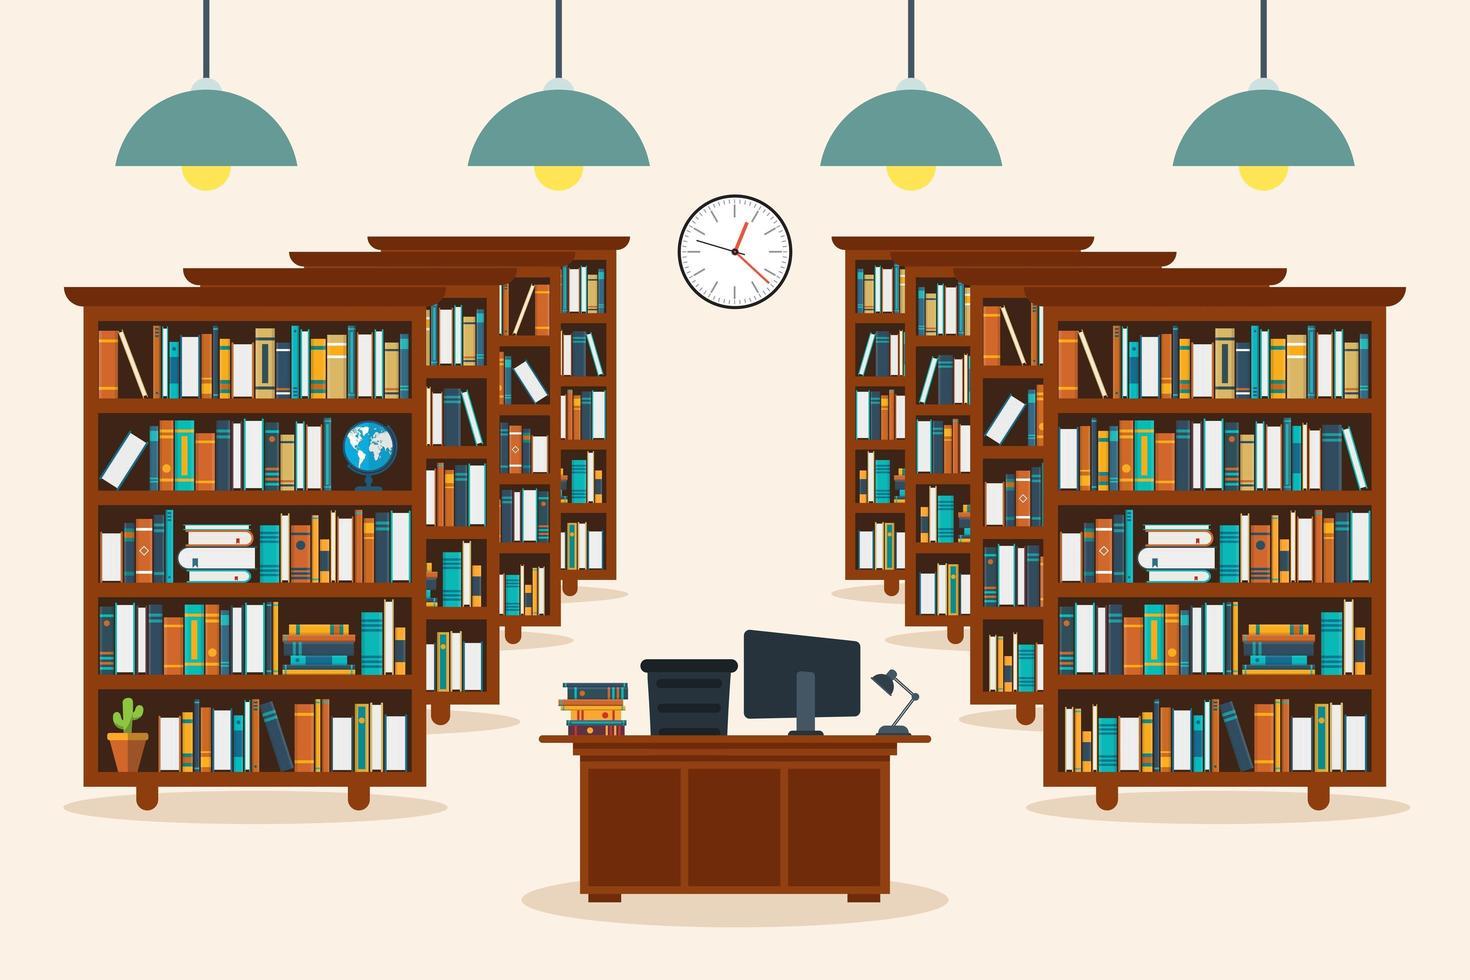 Bibliotheksinnenraum mit Büchern vektor